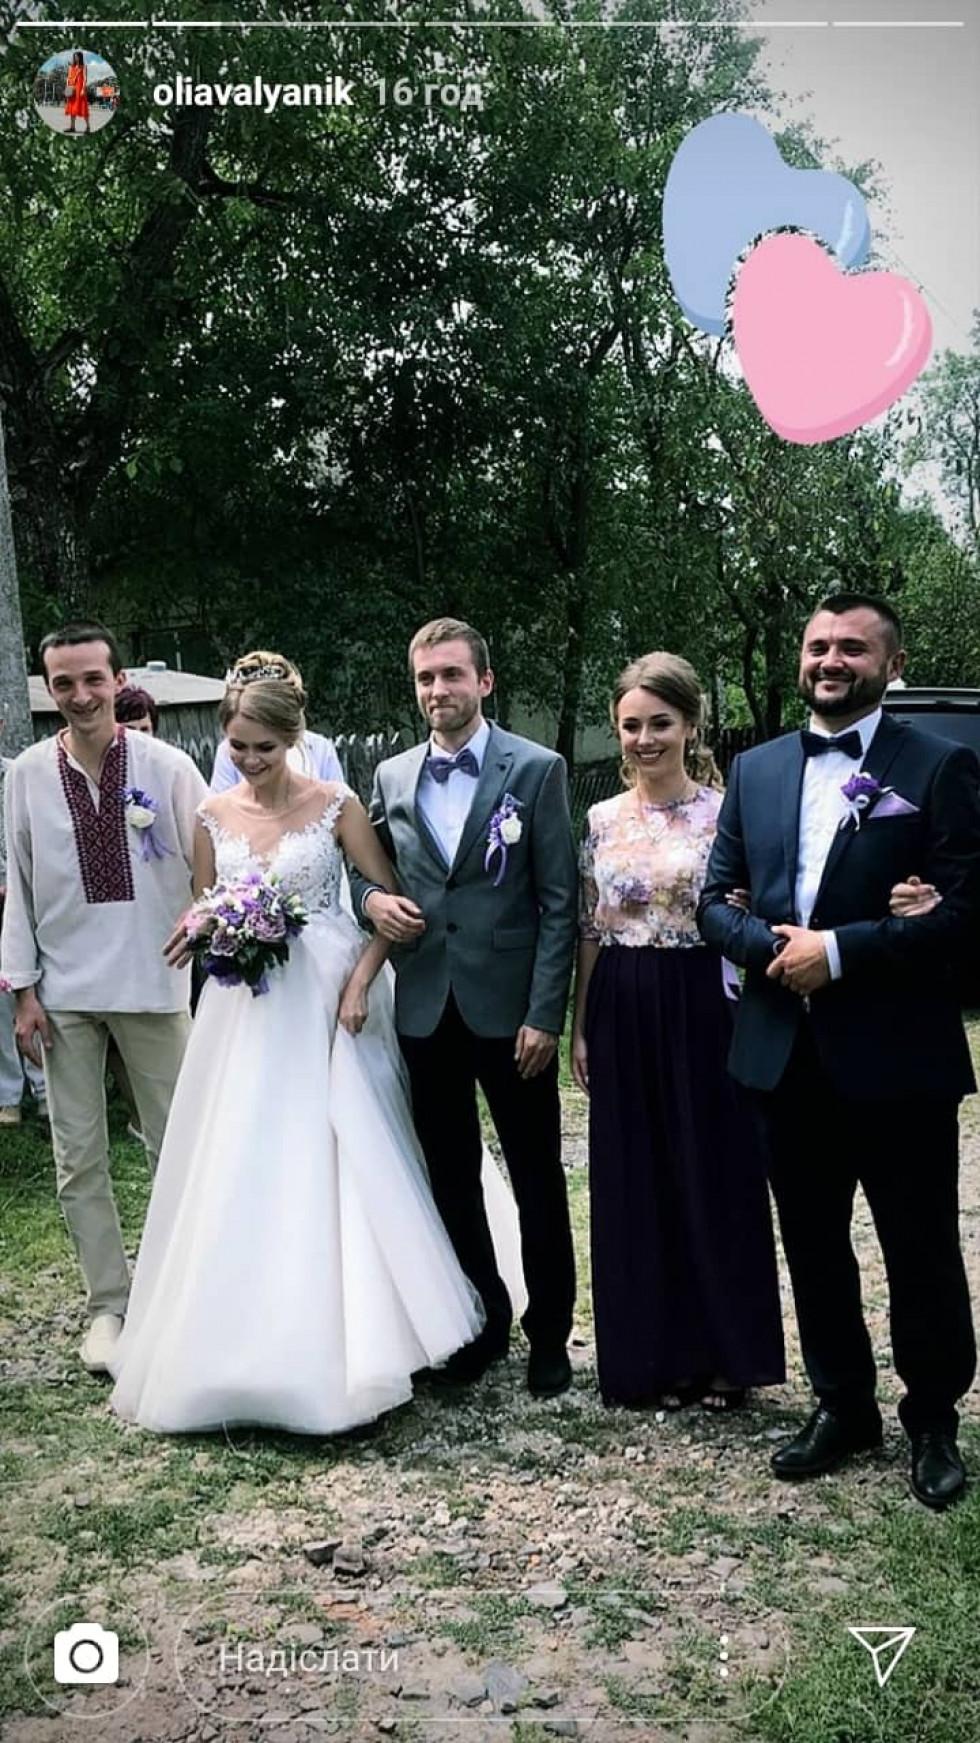 Анатолій Котлюк та Василина Боруцька одружилися